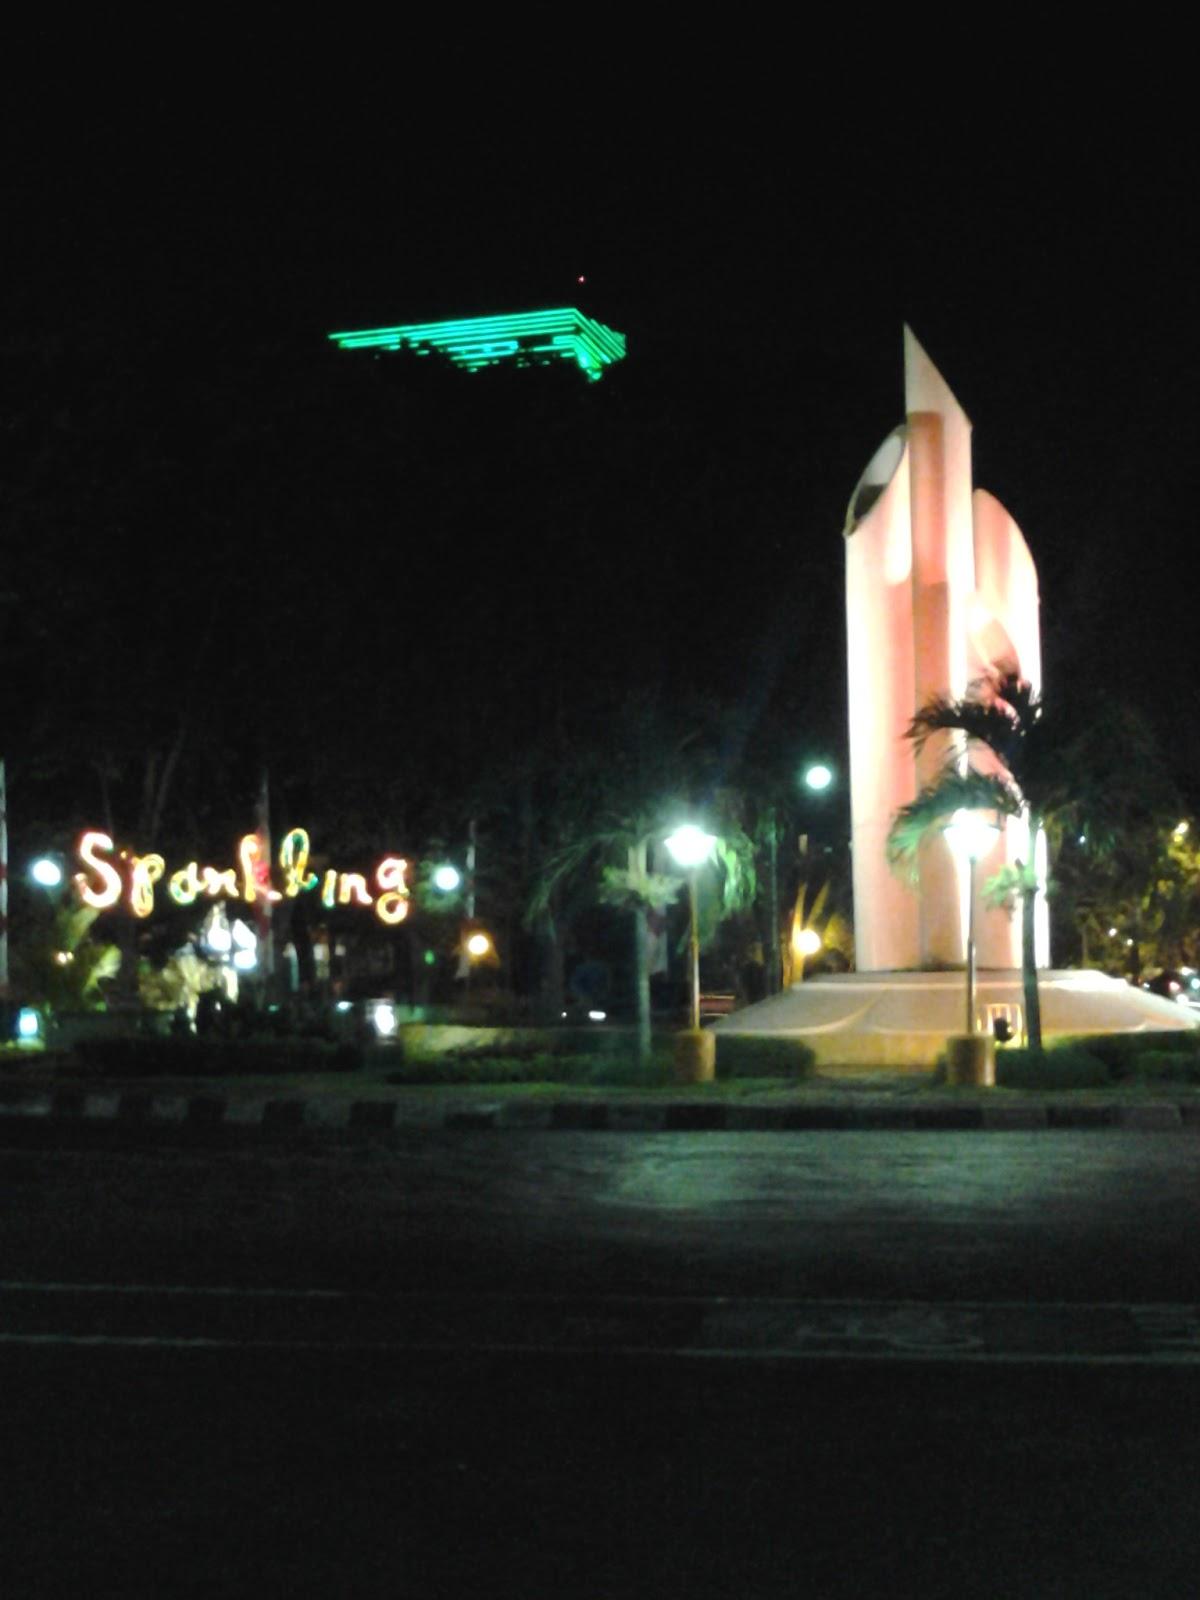 Mari Berkarya Monumen Bambu Runcing Surabaya Wisata Kota